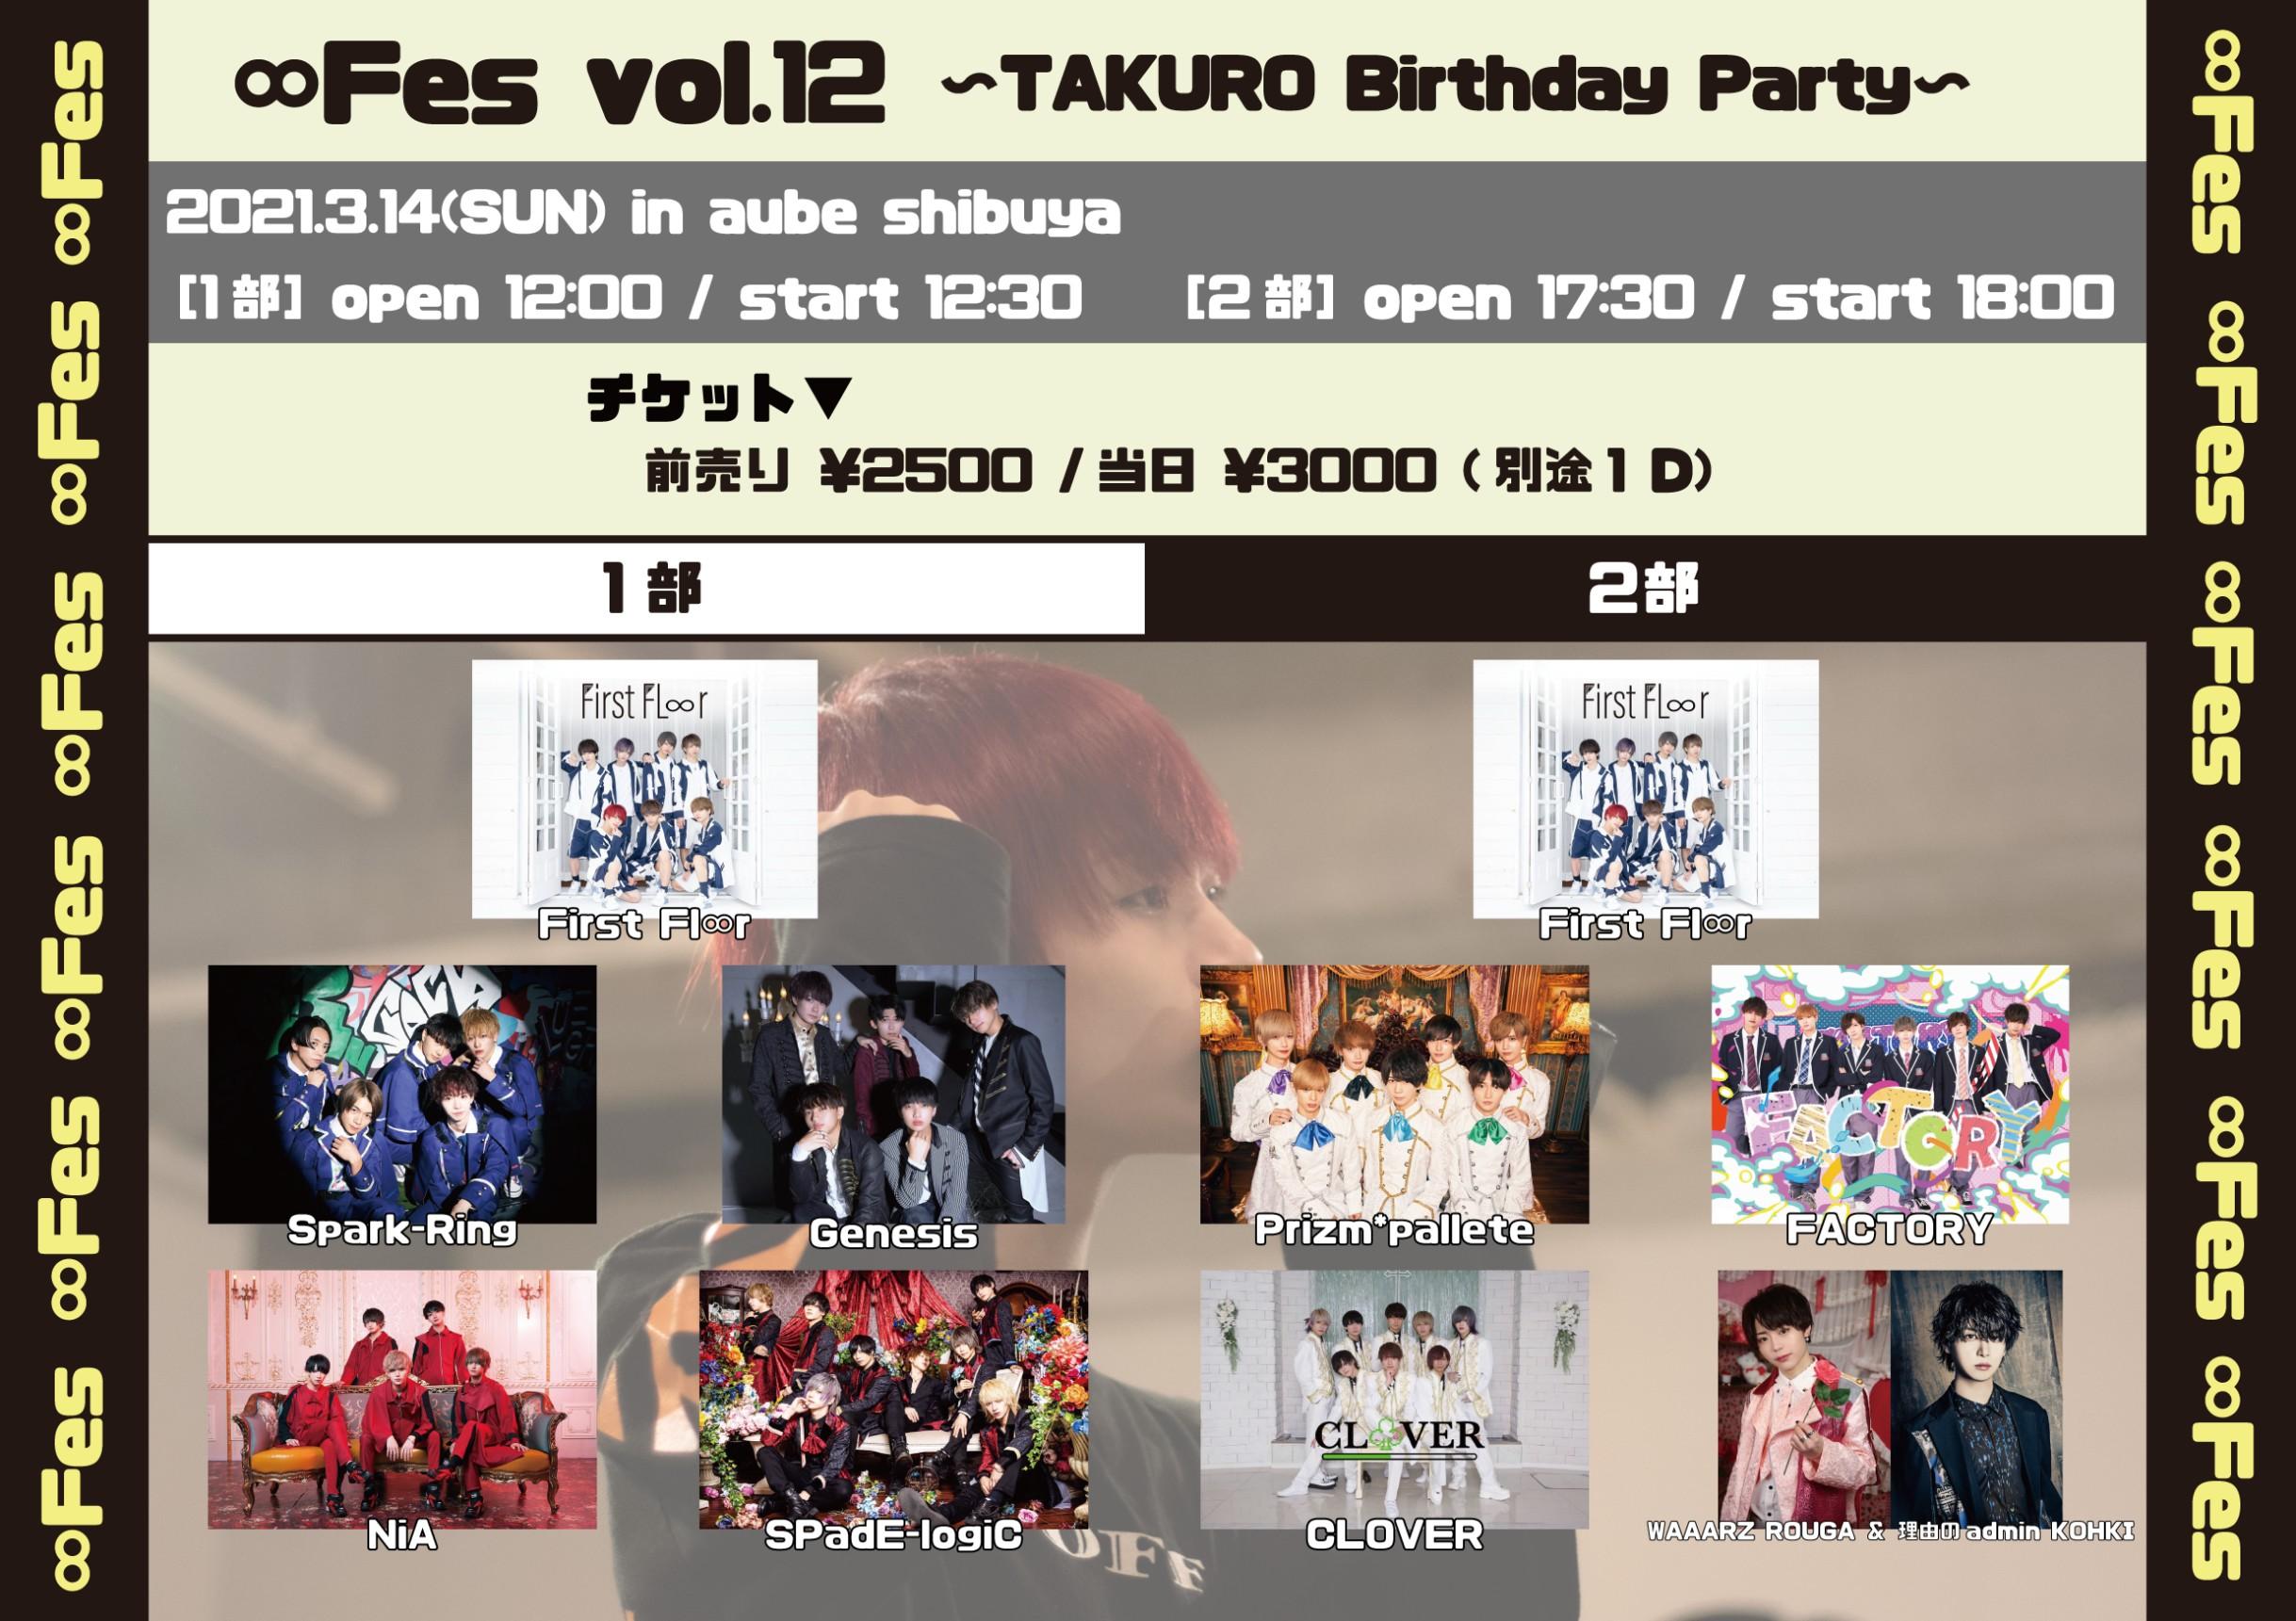 ∞Fes vol.12 〜TAKURO Birthday Party〜 1部